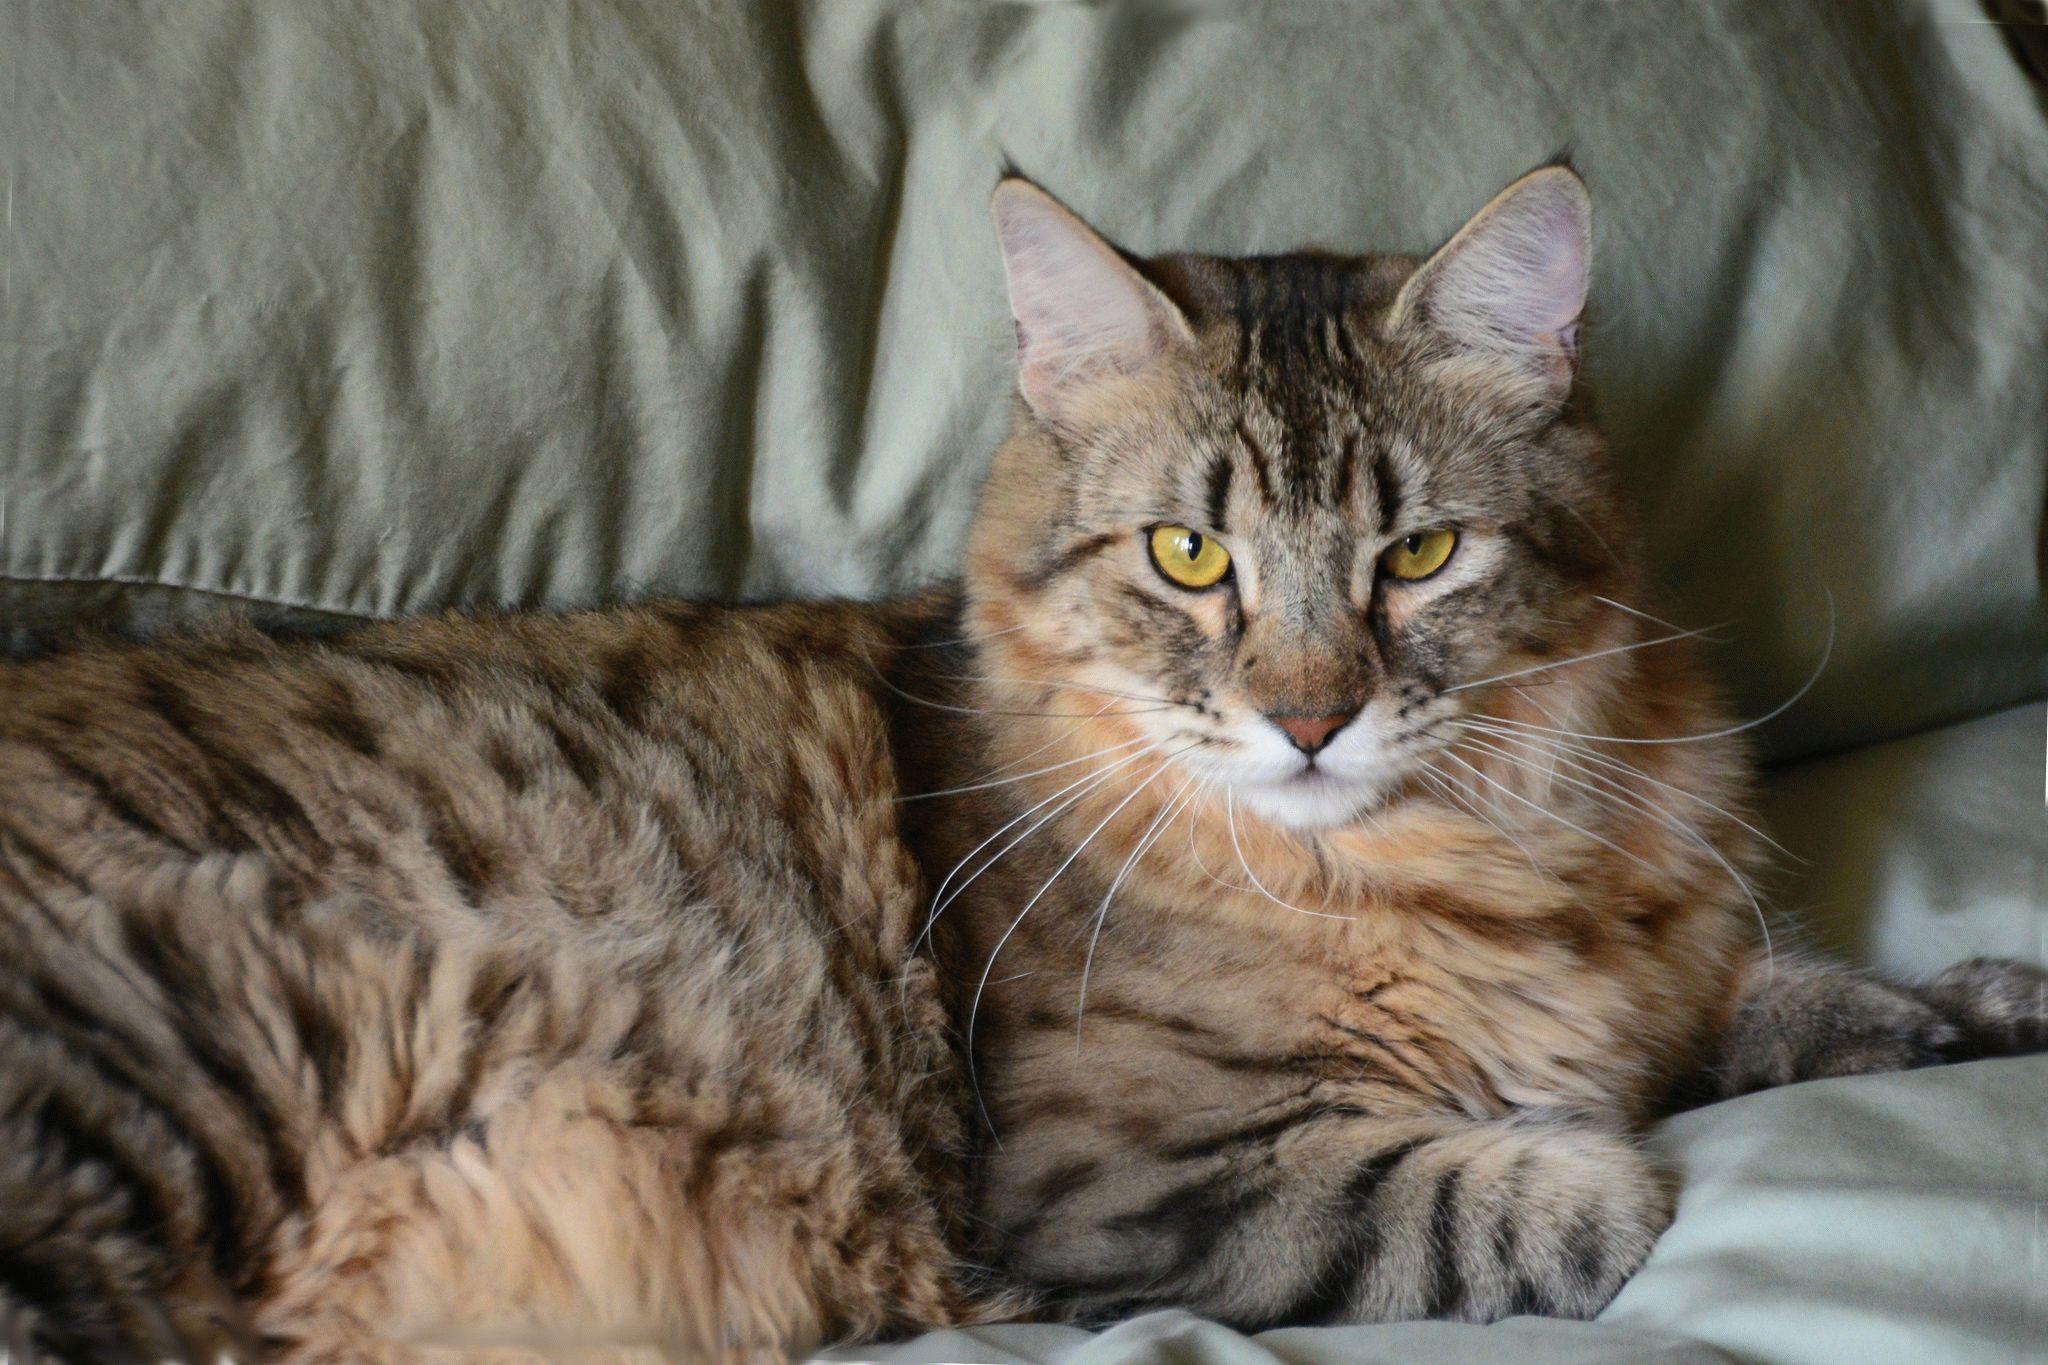 коты с кисточками на ушах фото четко виден